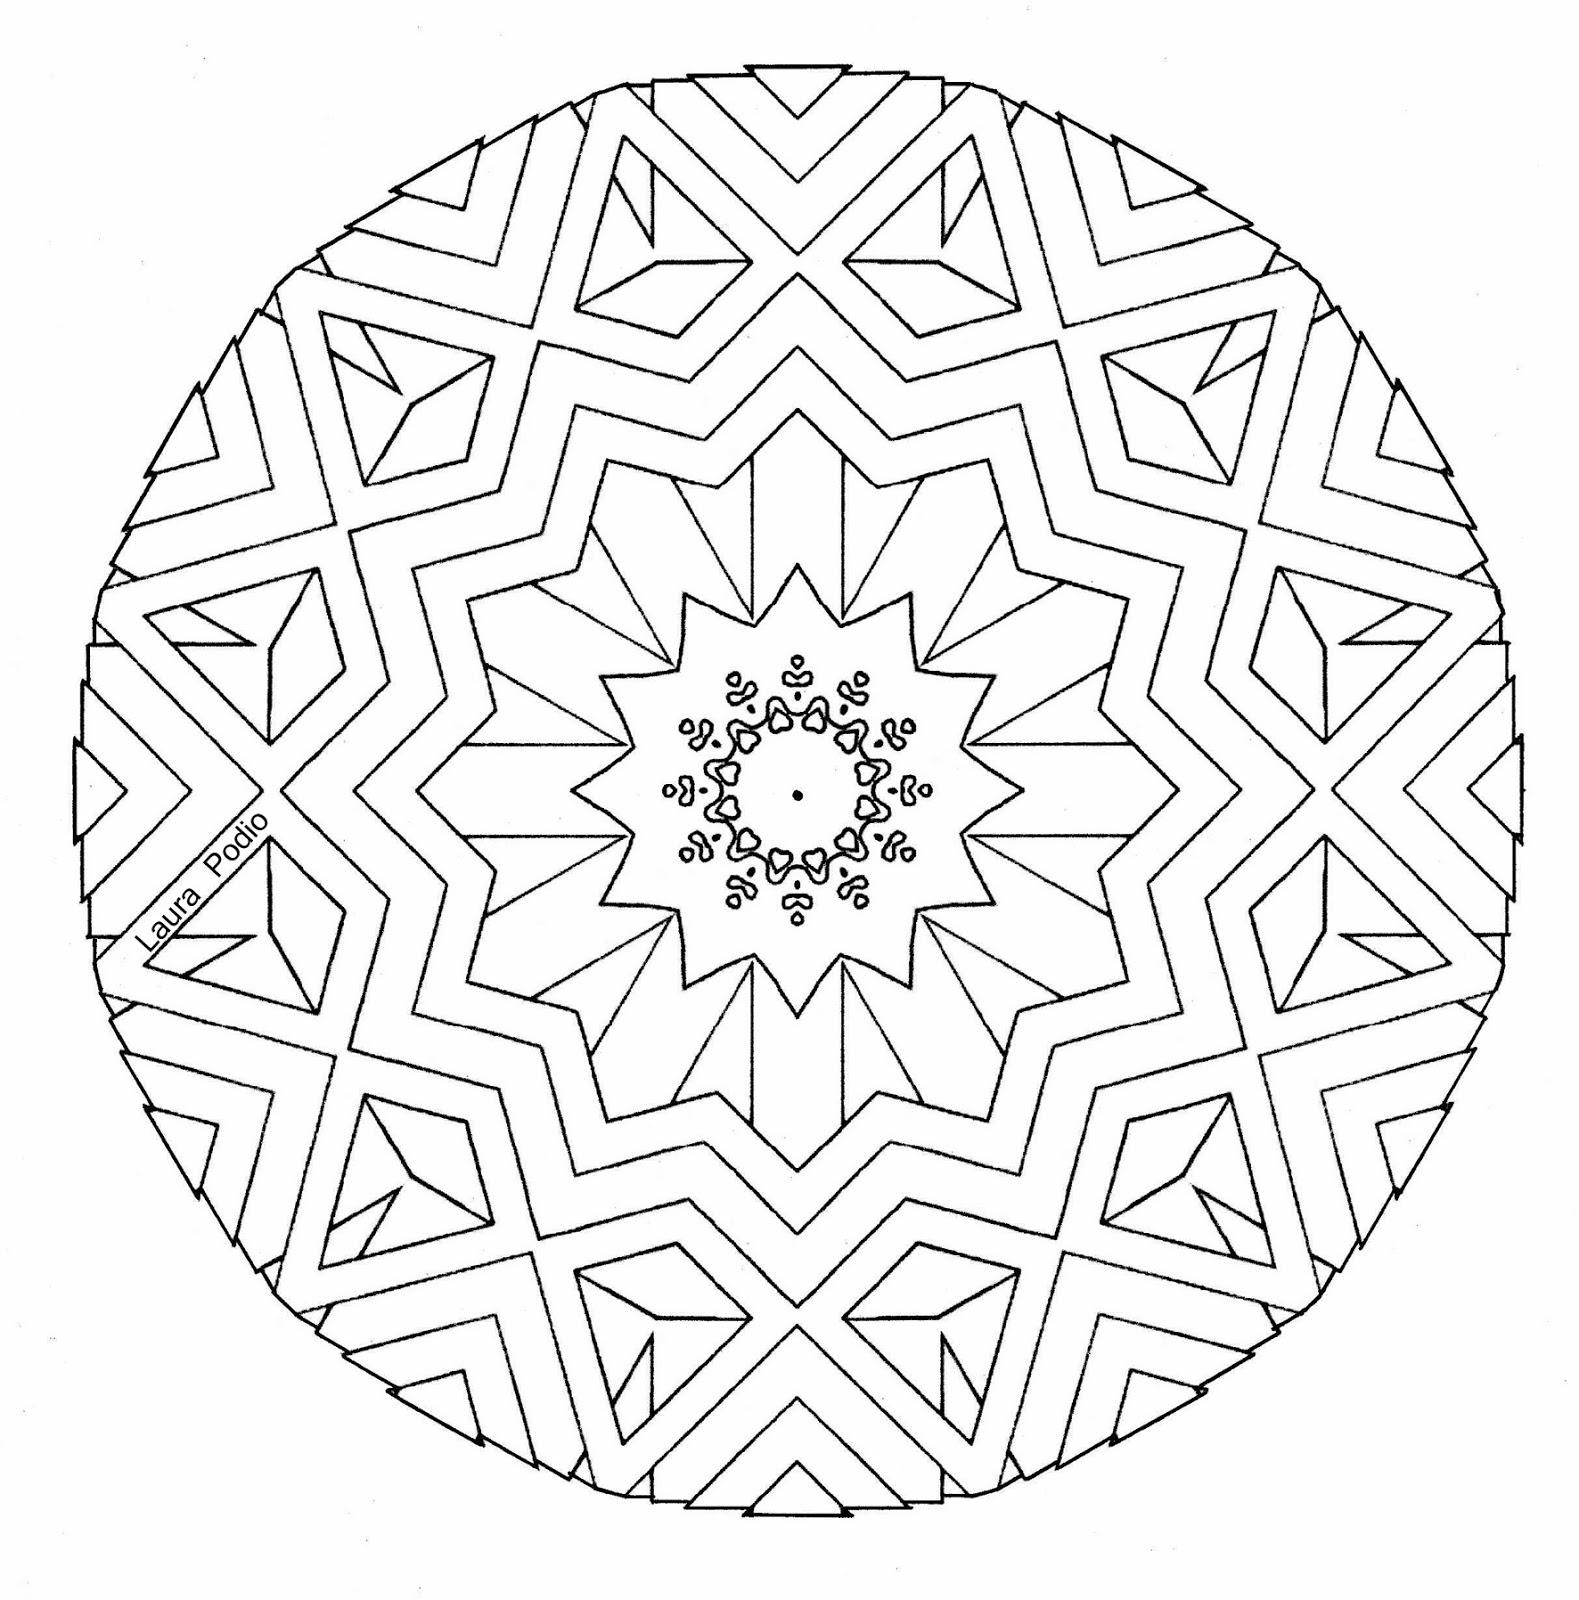 14 diseños de mandalas para colorear - ARTE TERAPIA CON MANDALAS ...